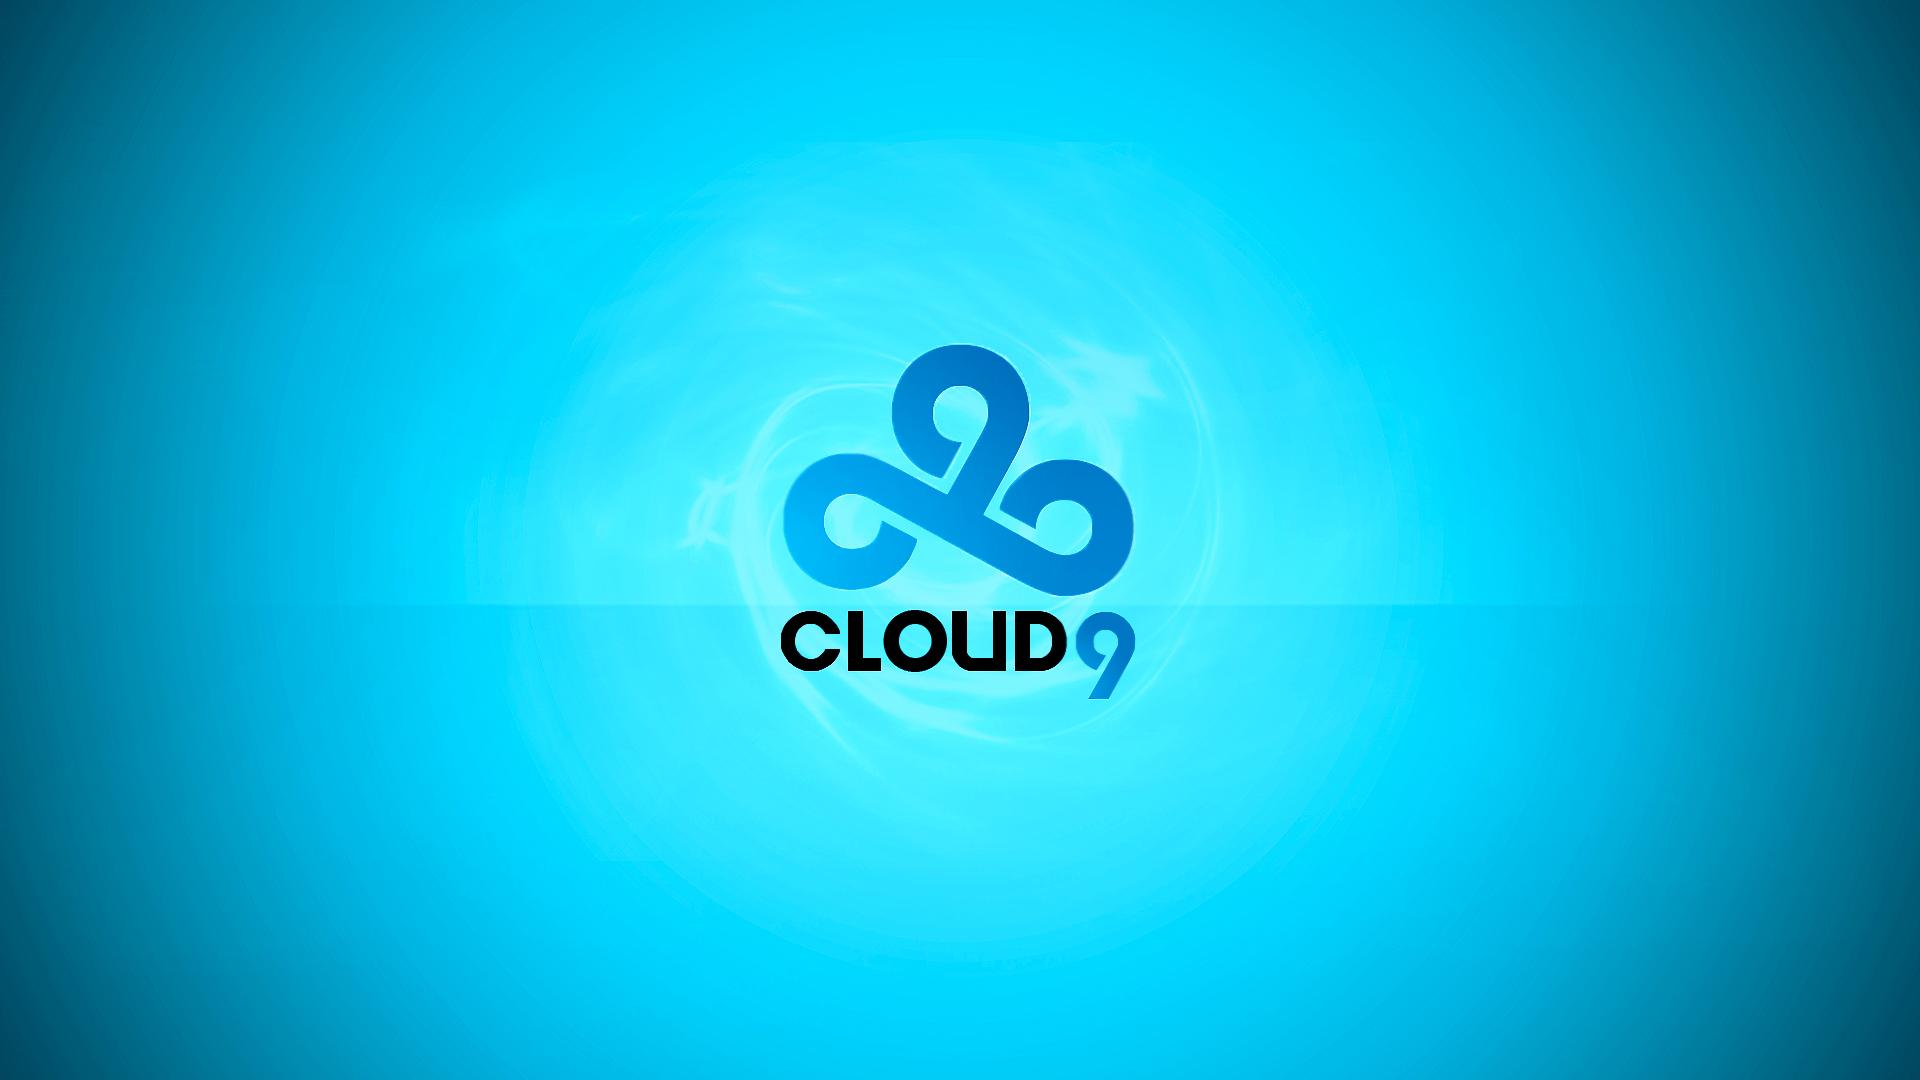 team cloud 9 wallpaper 1080p by selack fan art wallpaper games 2013 1920x1080